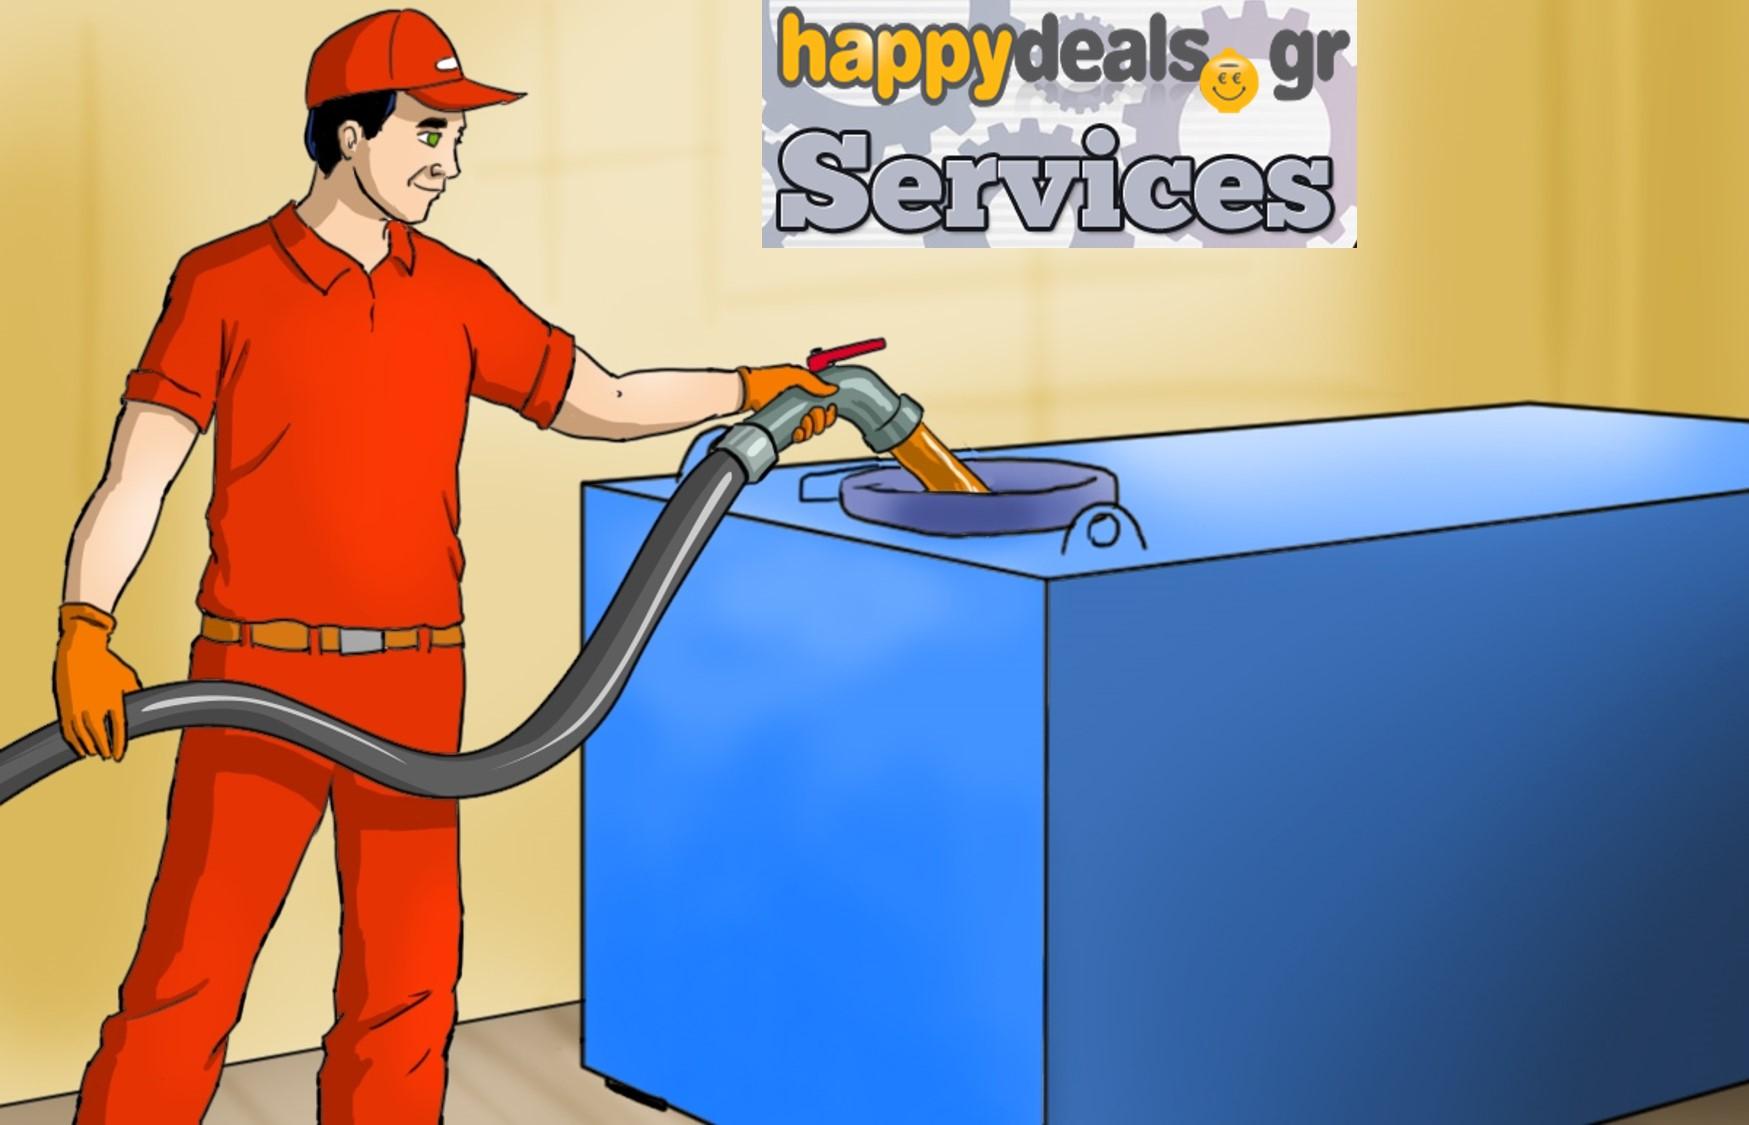 28,5€ από 90€ για Συντήρηση Οικιακού Λέβητα - Καυστήρα Πετρελαίου ή Φυσικού Αερίου, με την εγγύηση του ''Happydeals Services''. Η καλύτερη τιμή της αγοράς, χωρίς μεσάζοντες & κρυφές χρεώσεις!